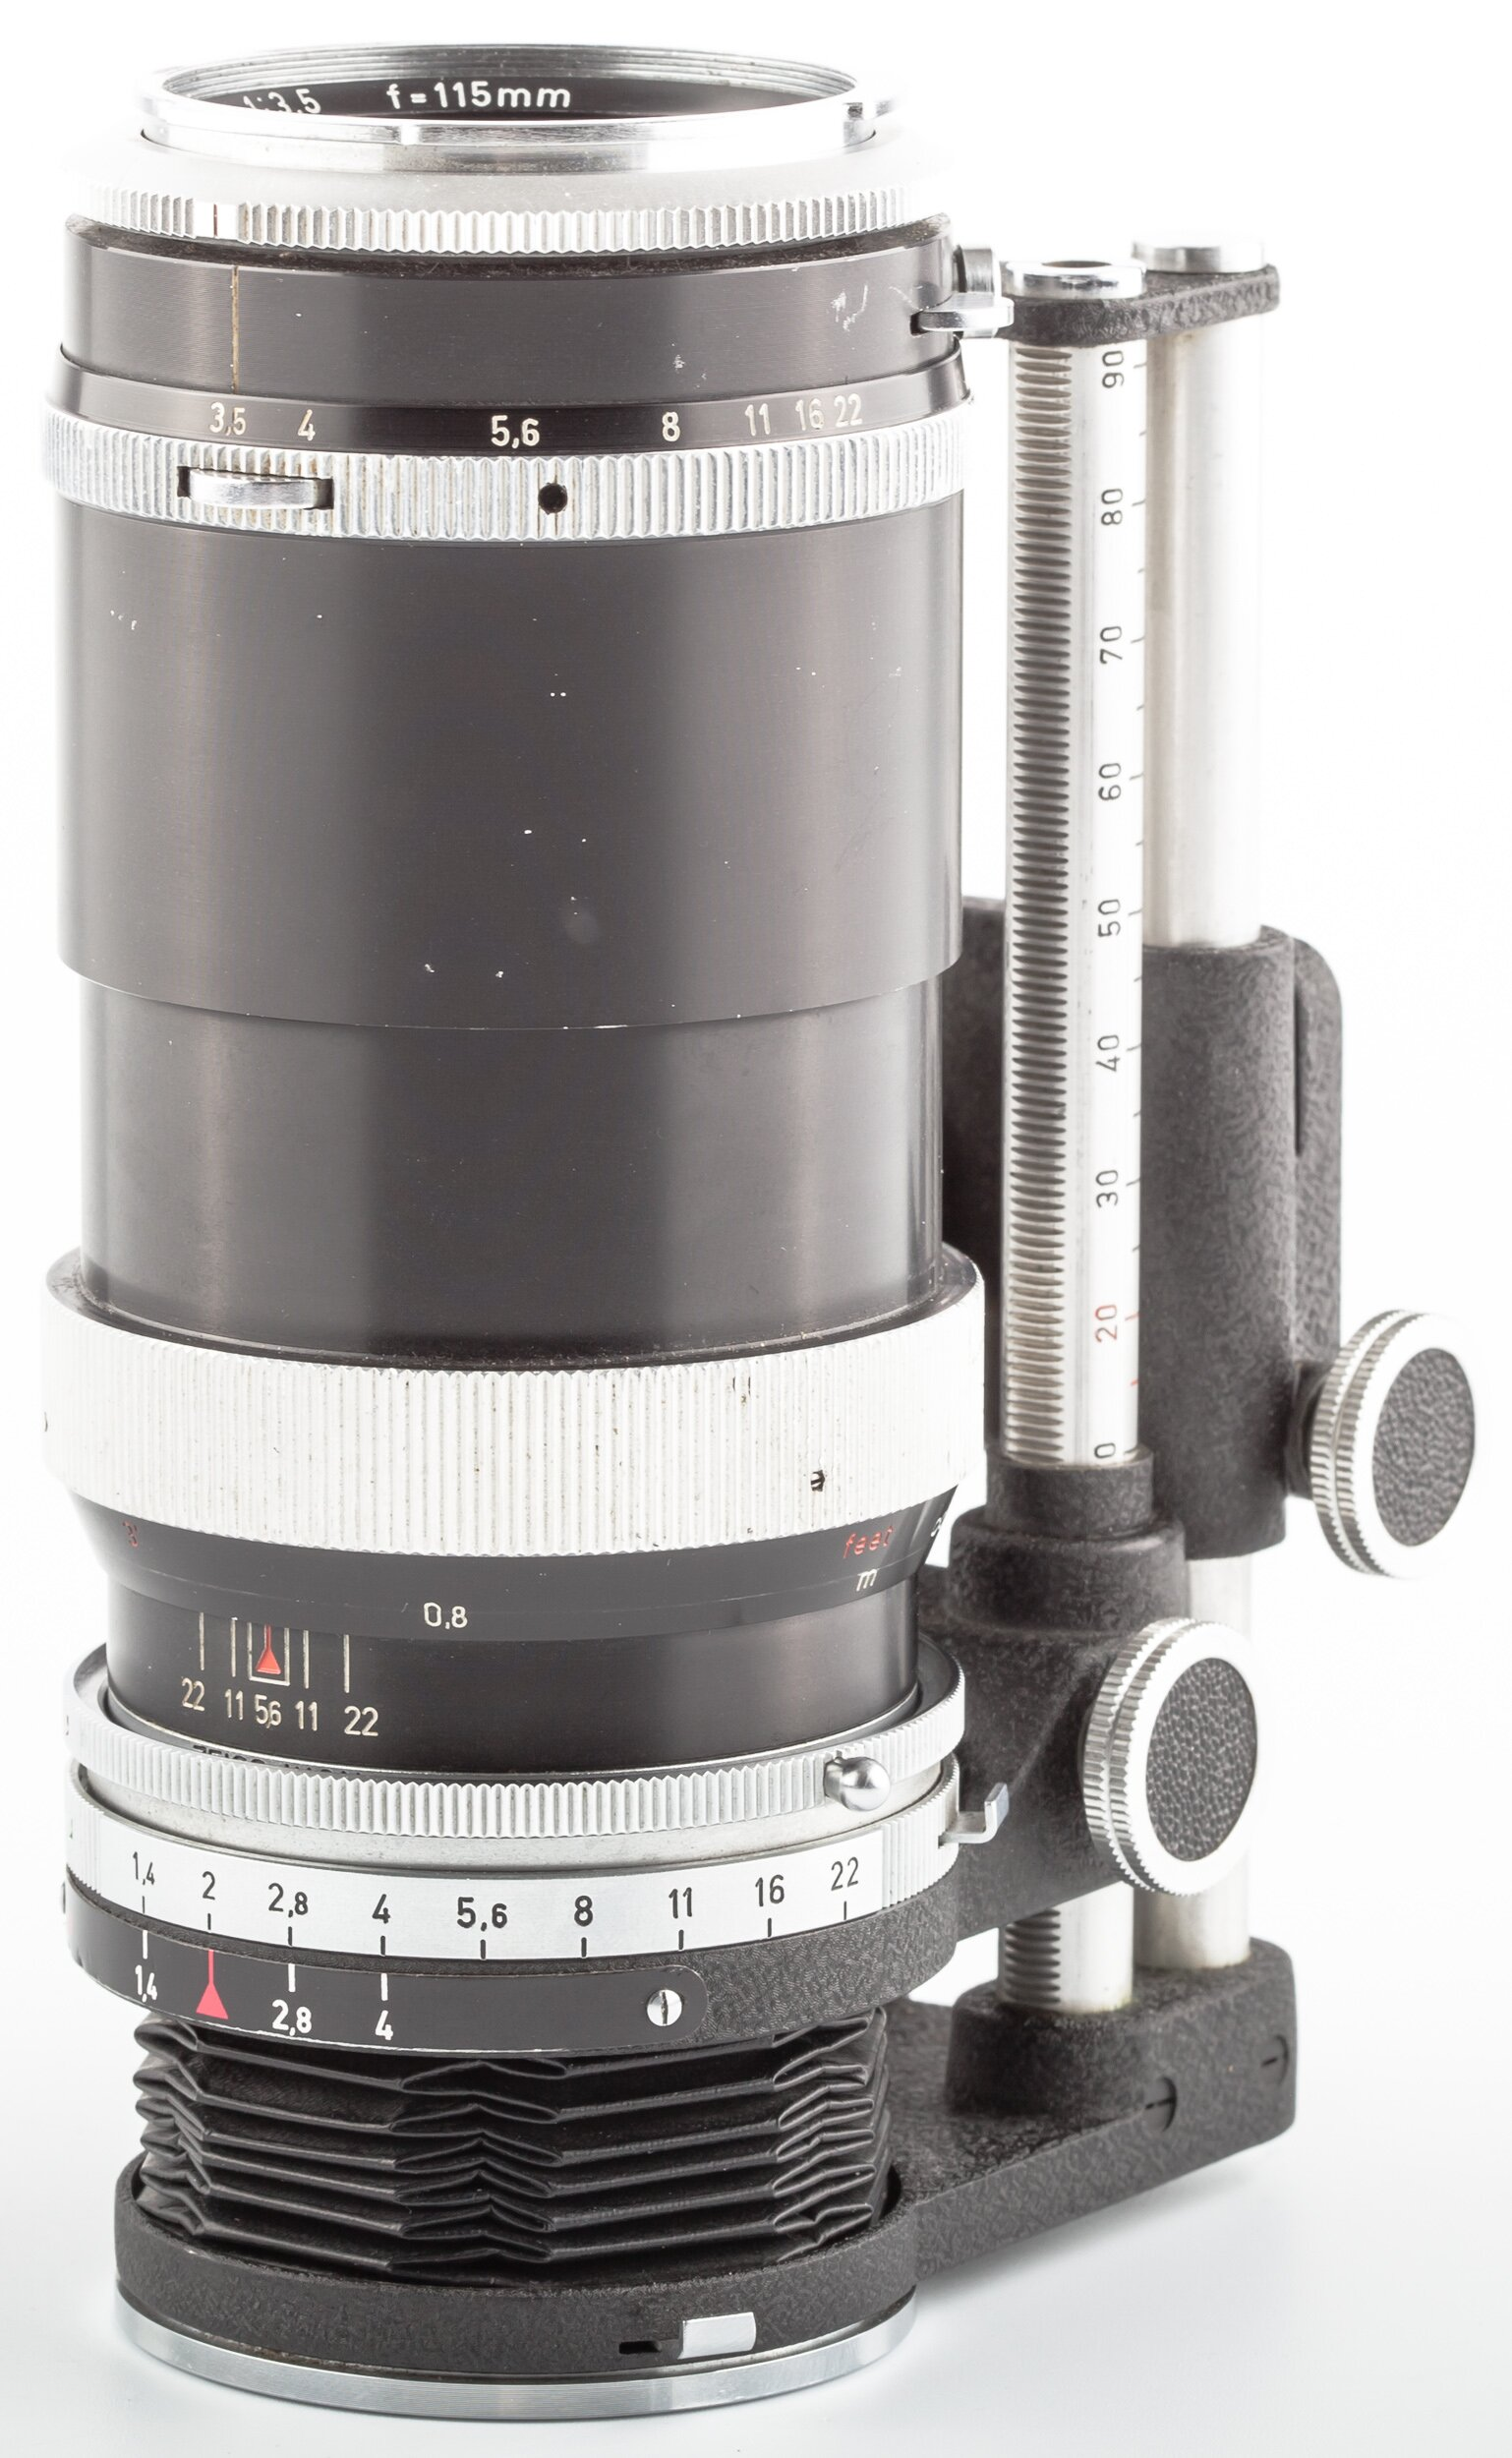 Carl Zeiss Objektiv Tessar 3,5/115 mm mit Balgengerät Contarex